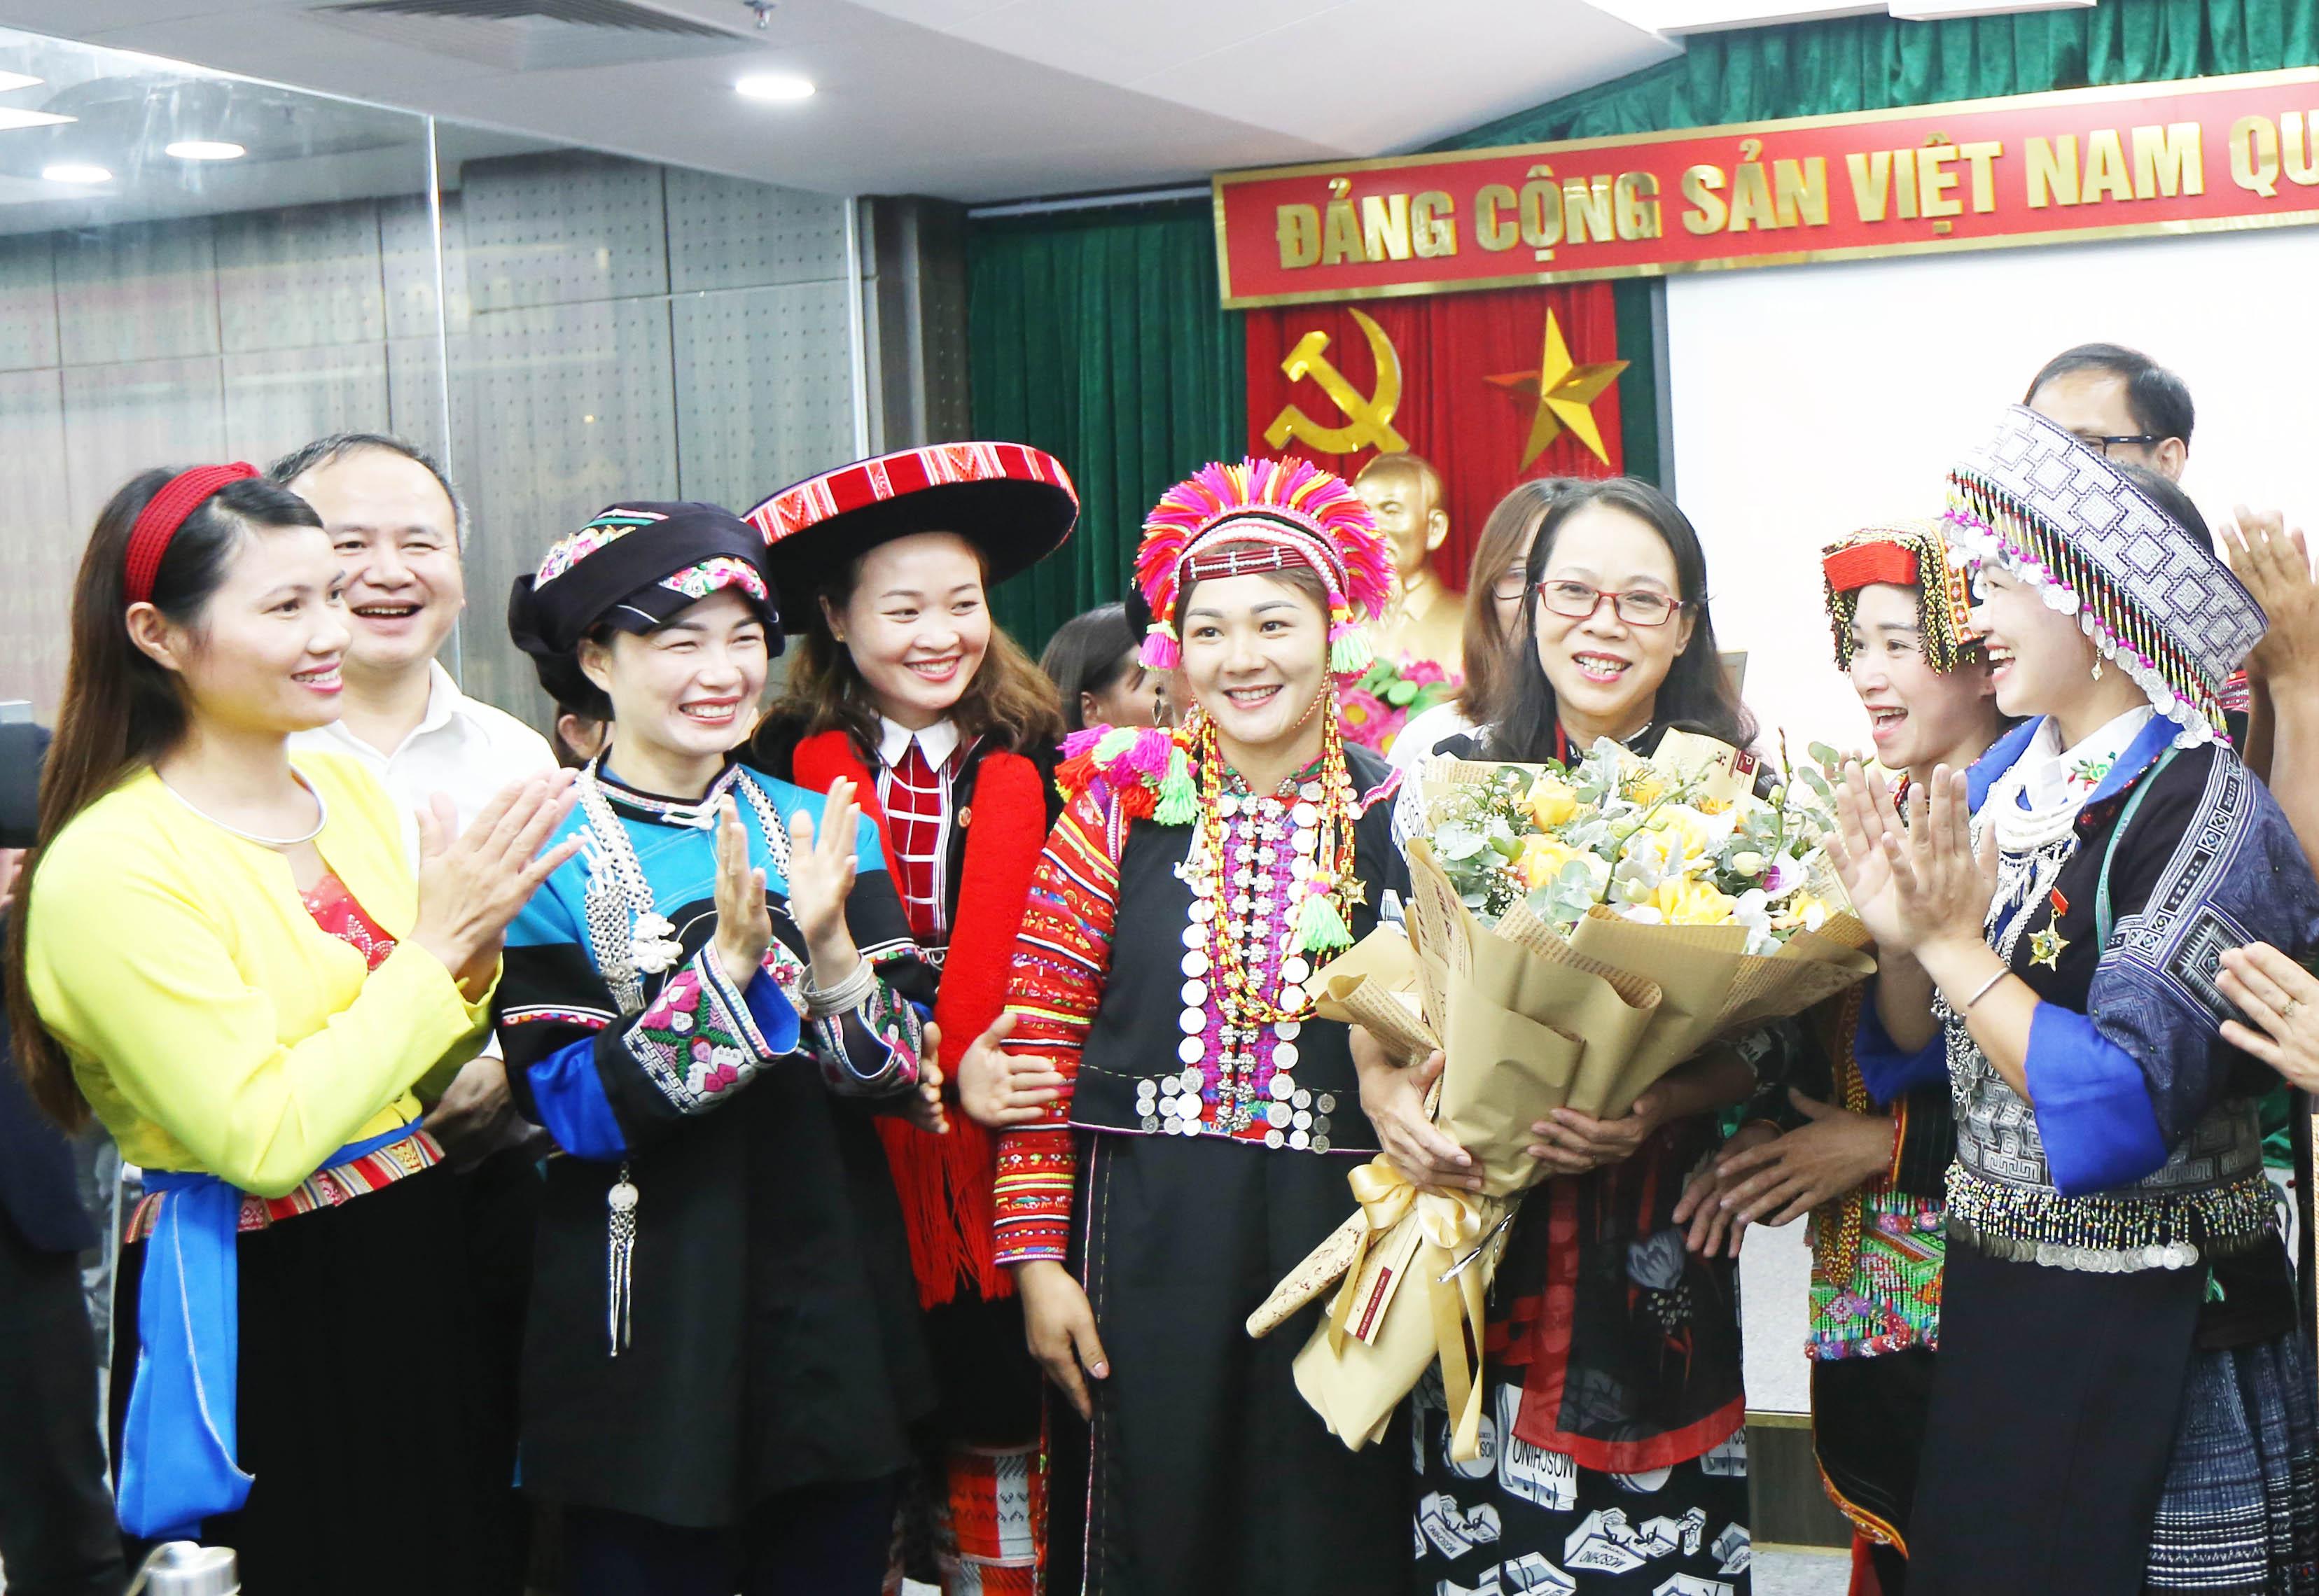 Thứ trưởng, Phó Chủ nhiệm UBDT Hoàng Thị Hạnh giao lưu cùng các thầy cô giáo